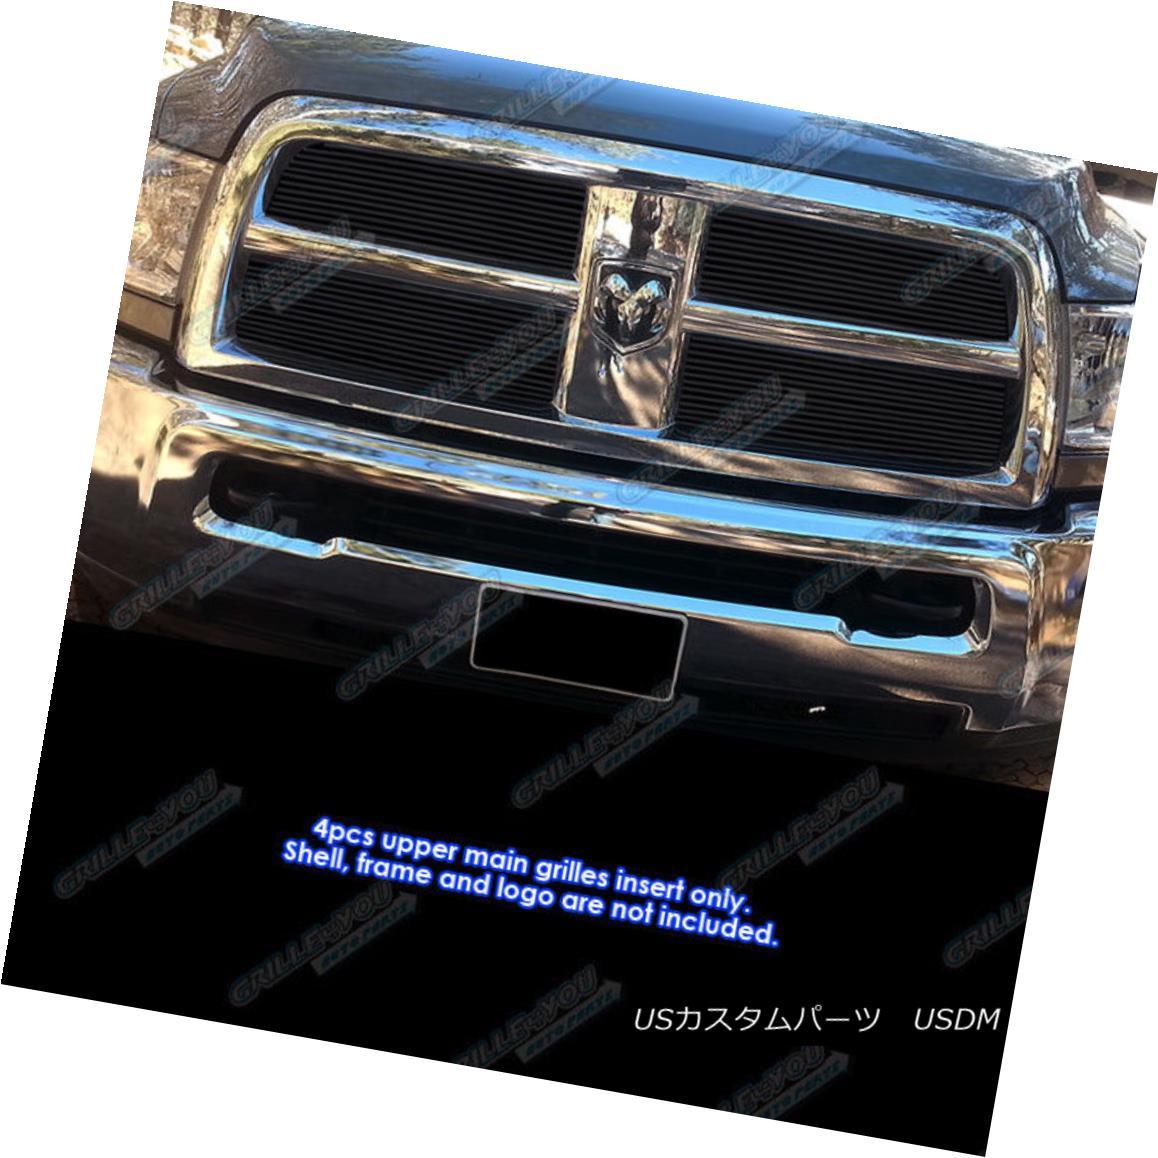 グリル Fits 2010-2012 Dodge Ram 2500/ 3500 Black Billet Grille Inserts フィット2010-2012ダッジラム2500/3500ブラックビレットグリルインサート